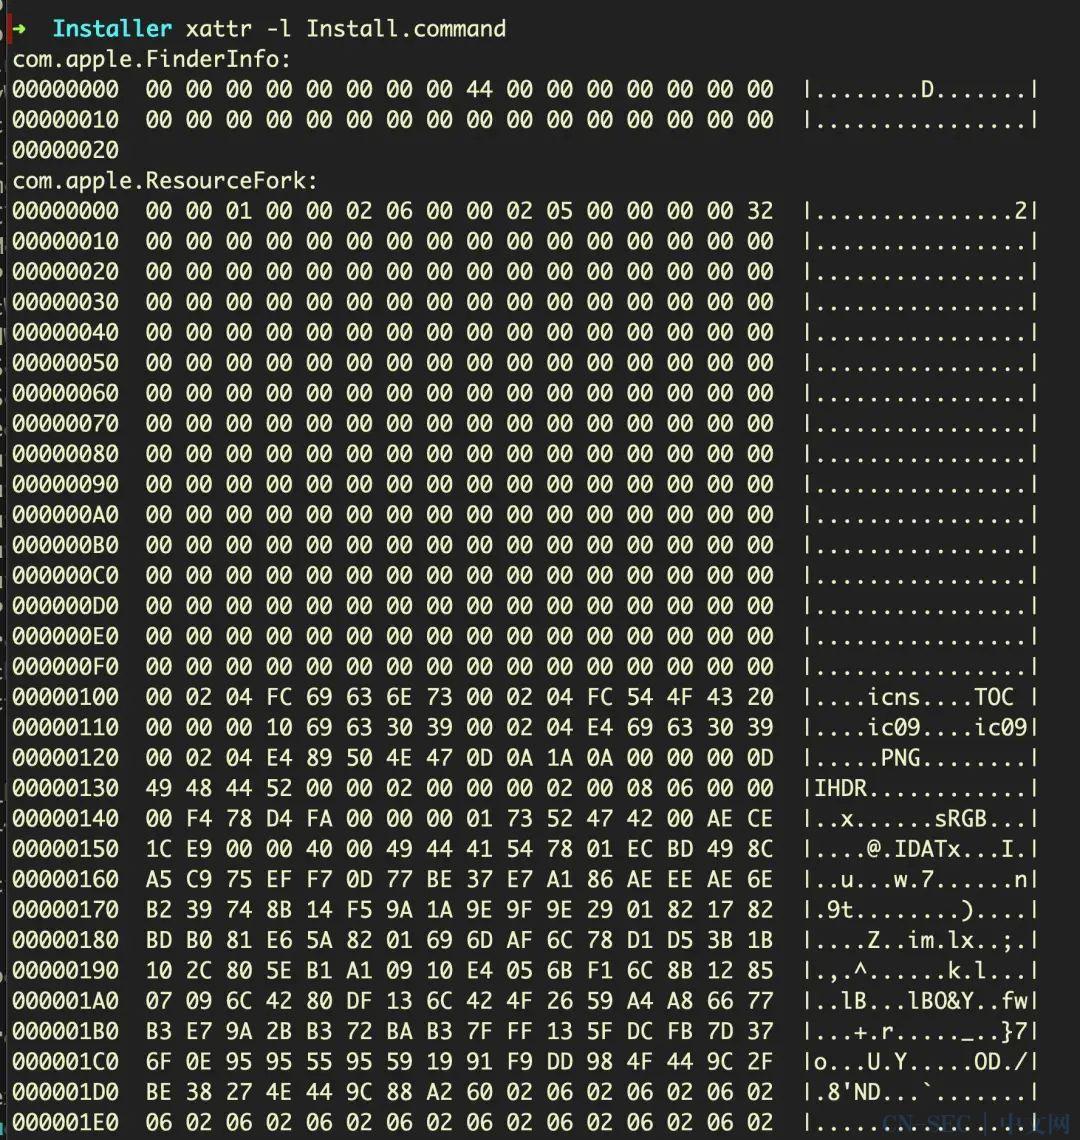 狡猾的macOS恶意软件是如何隐藏在资源派生中的?